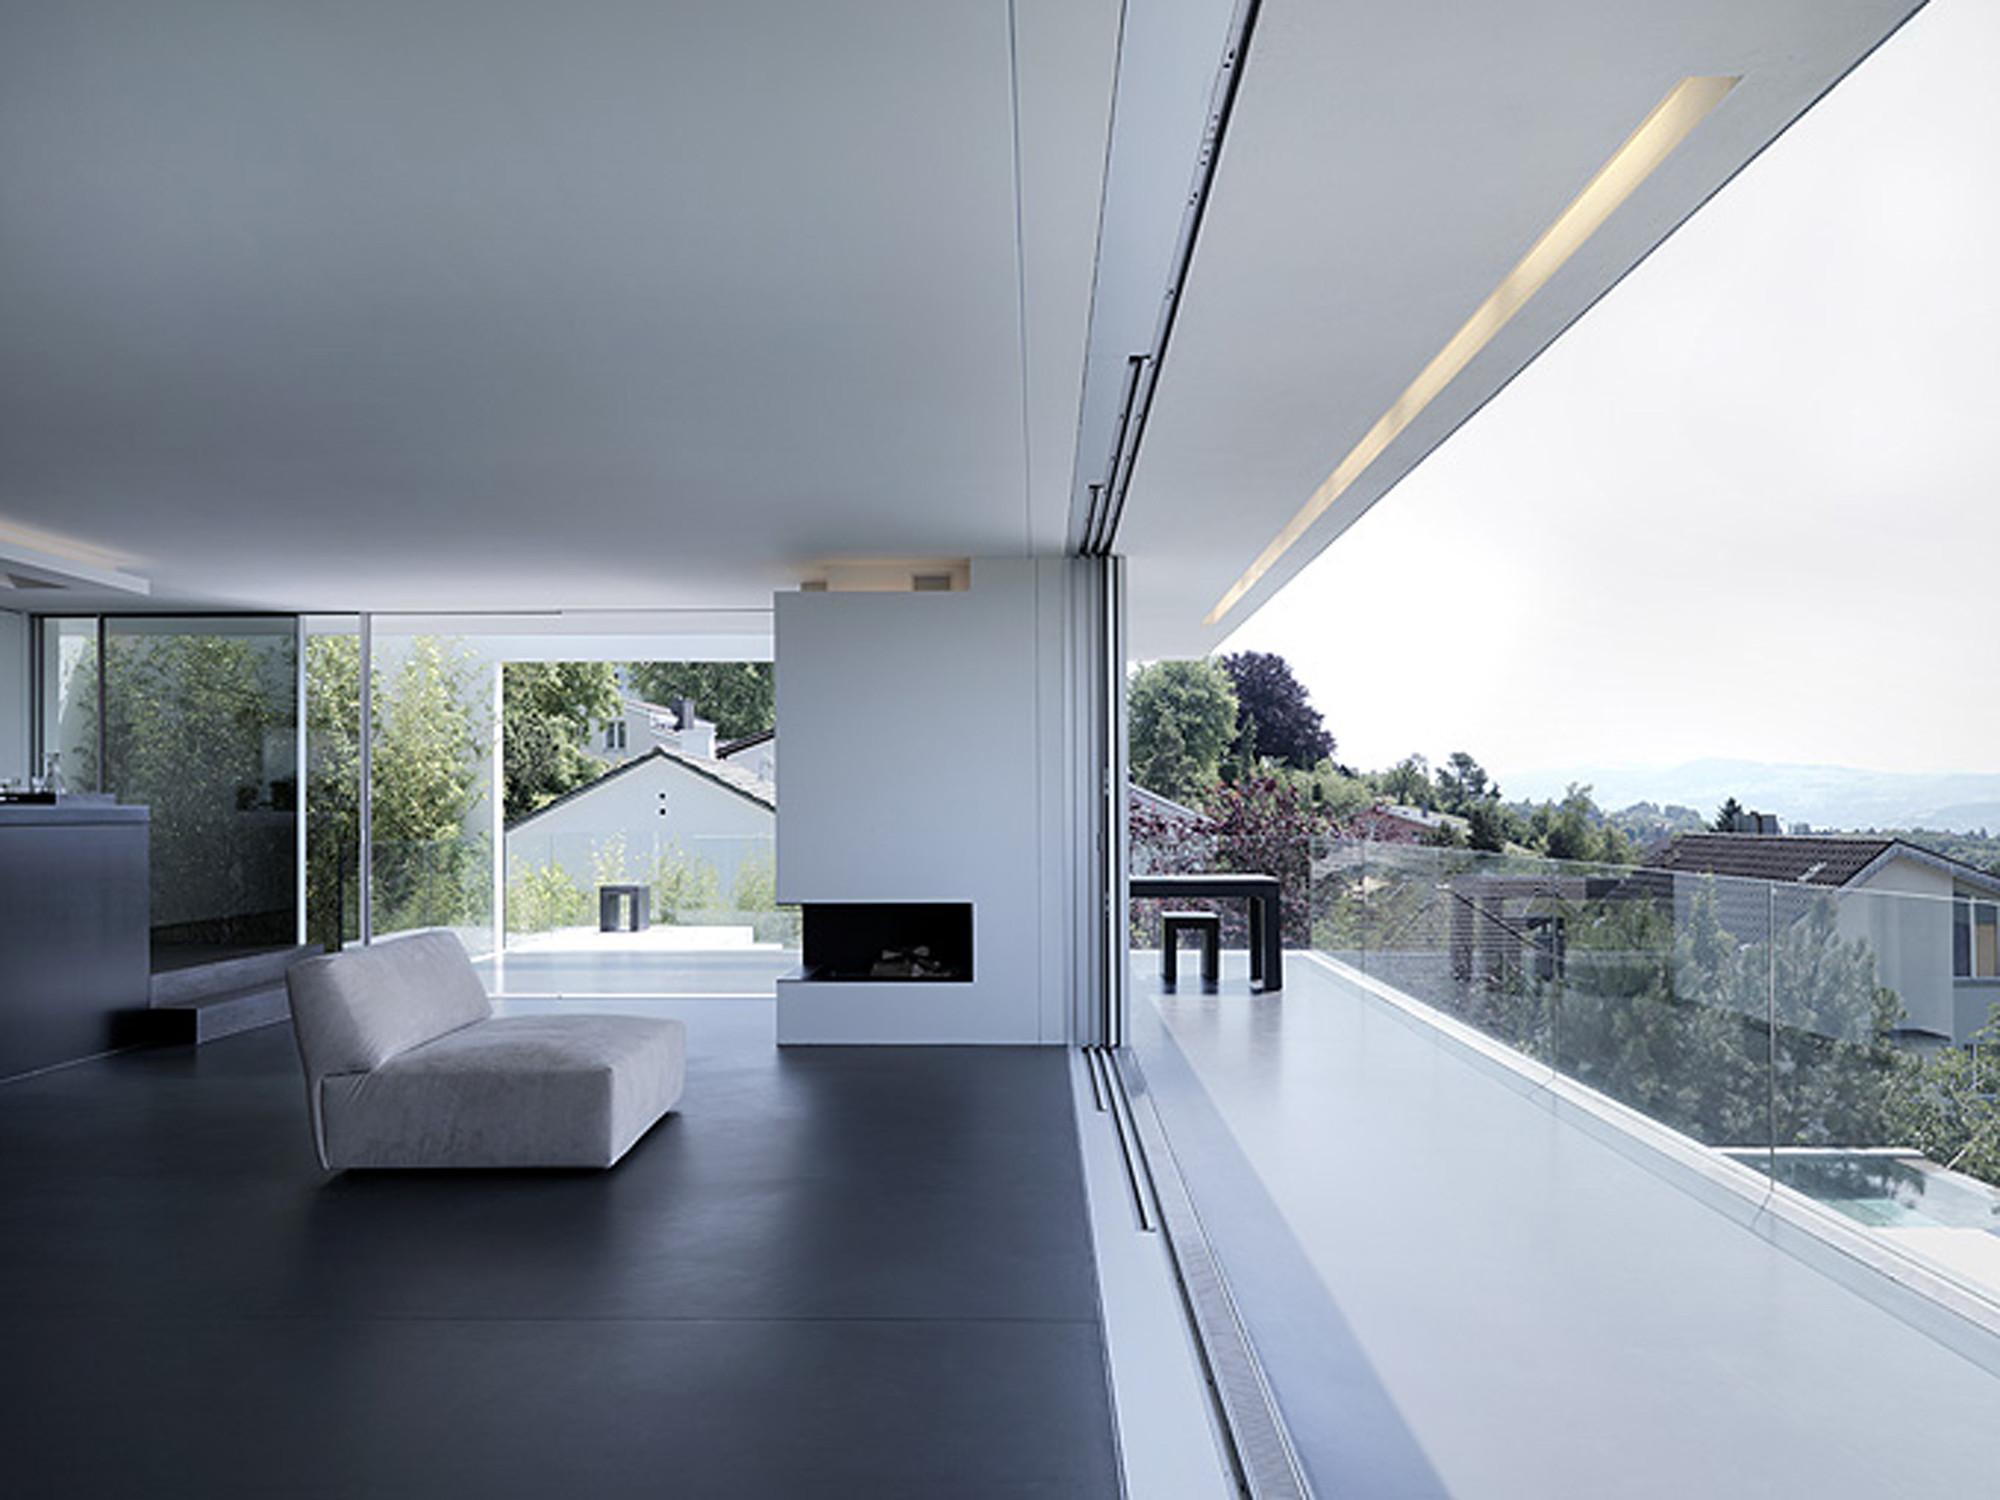 The feldbalz house by gus w stemann architects in zurich for Home decor zurich